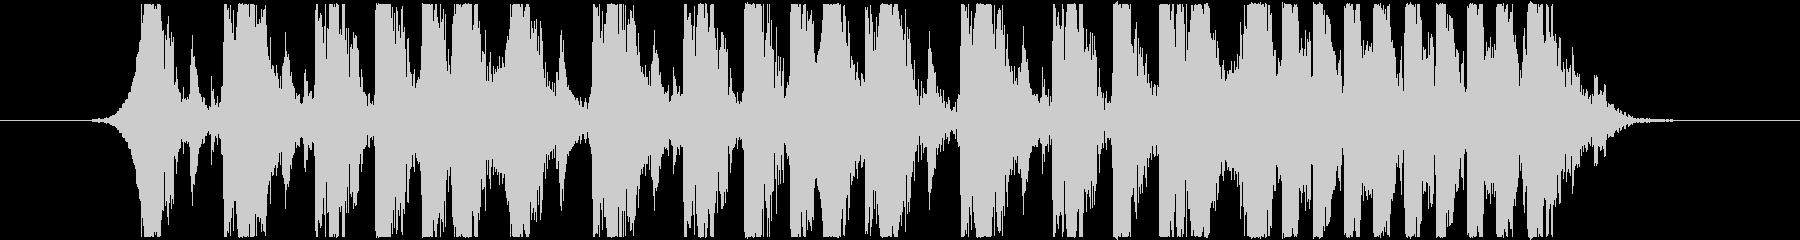 ドラムジングル!10秒の未再生の波形